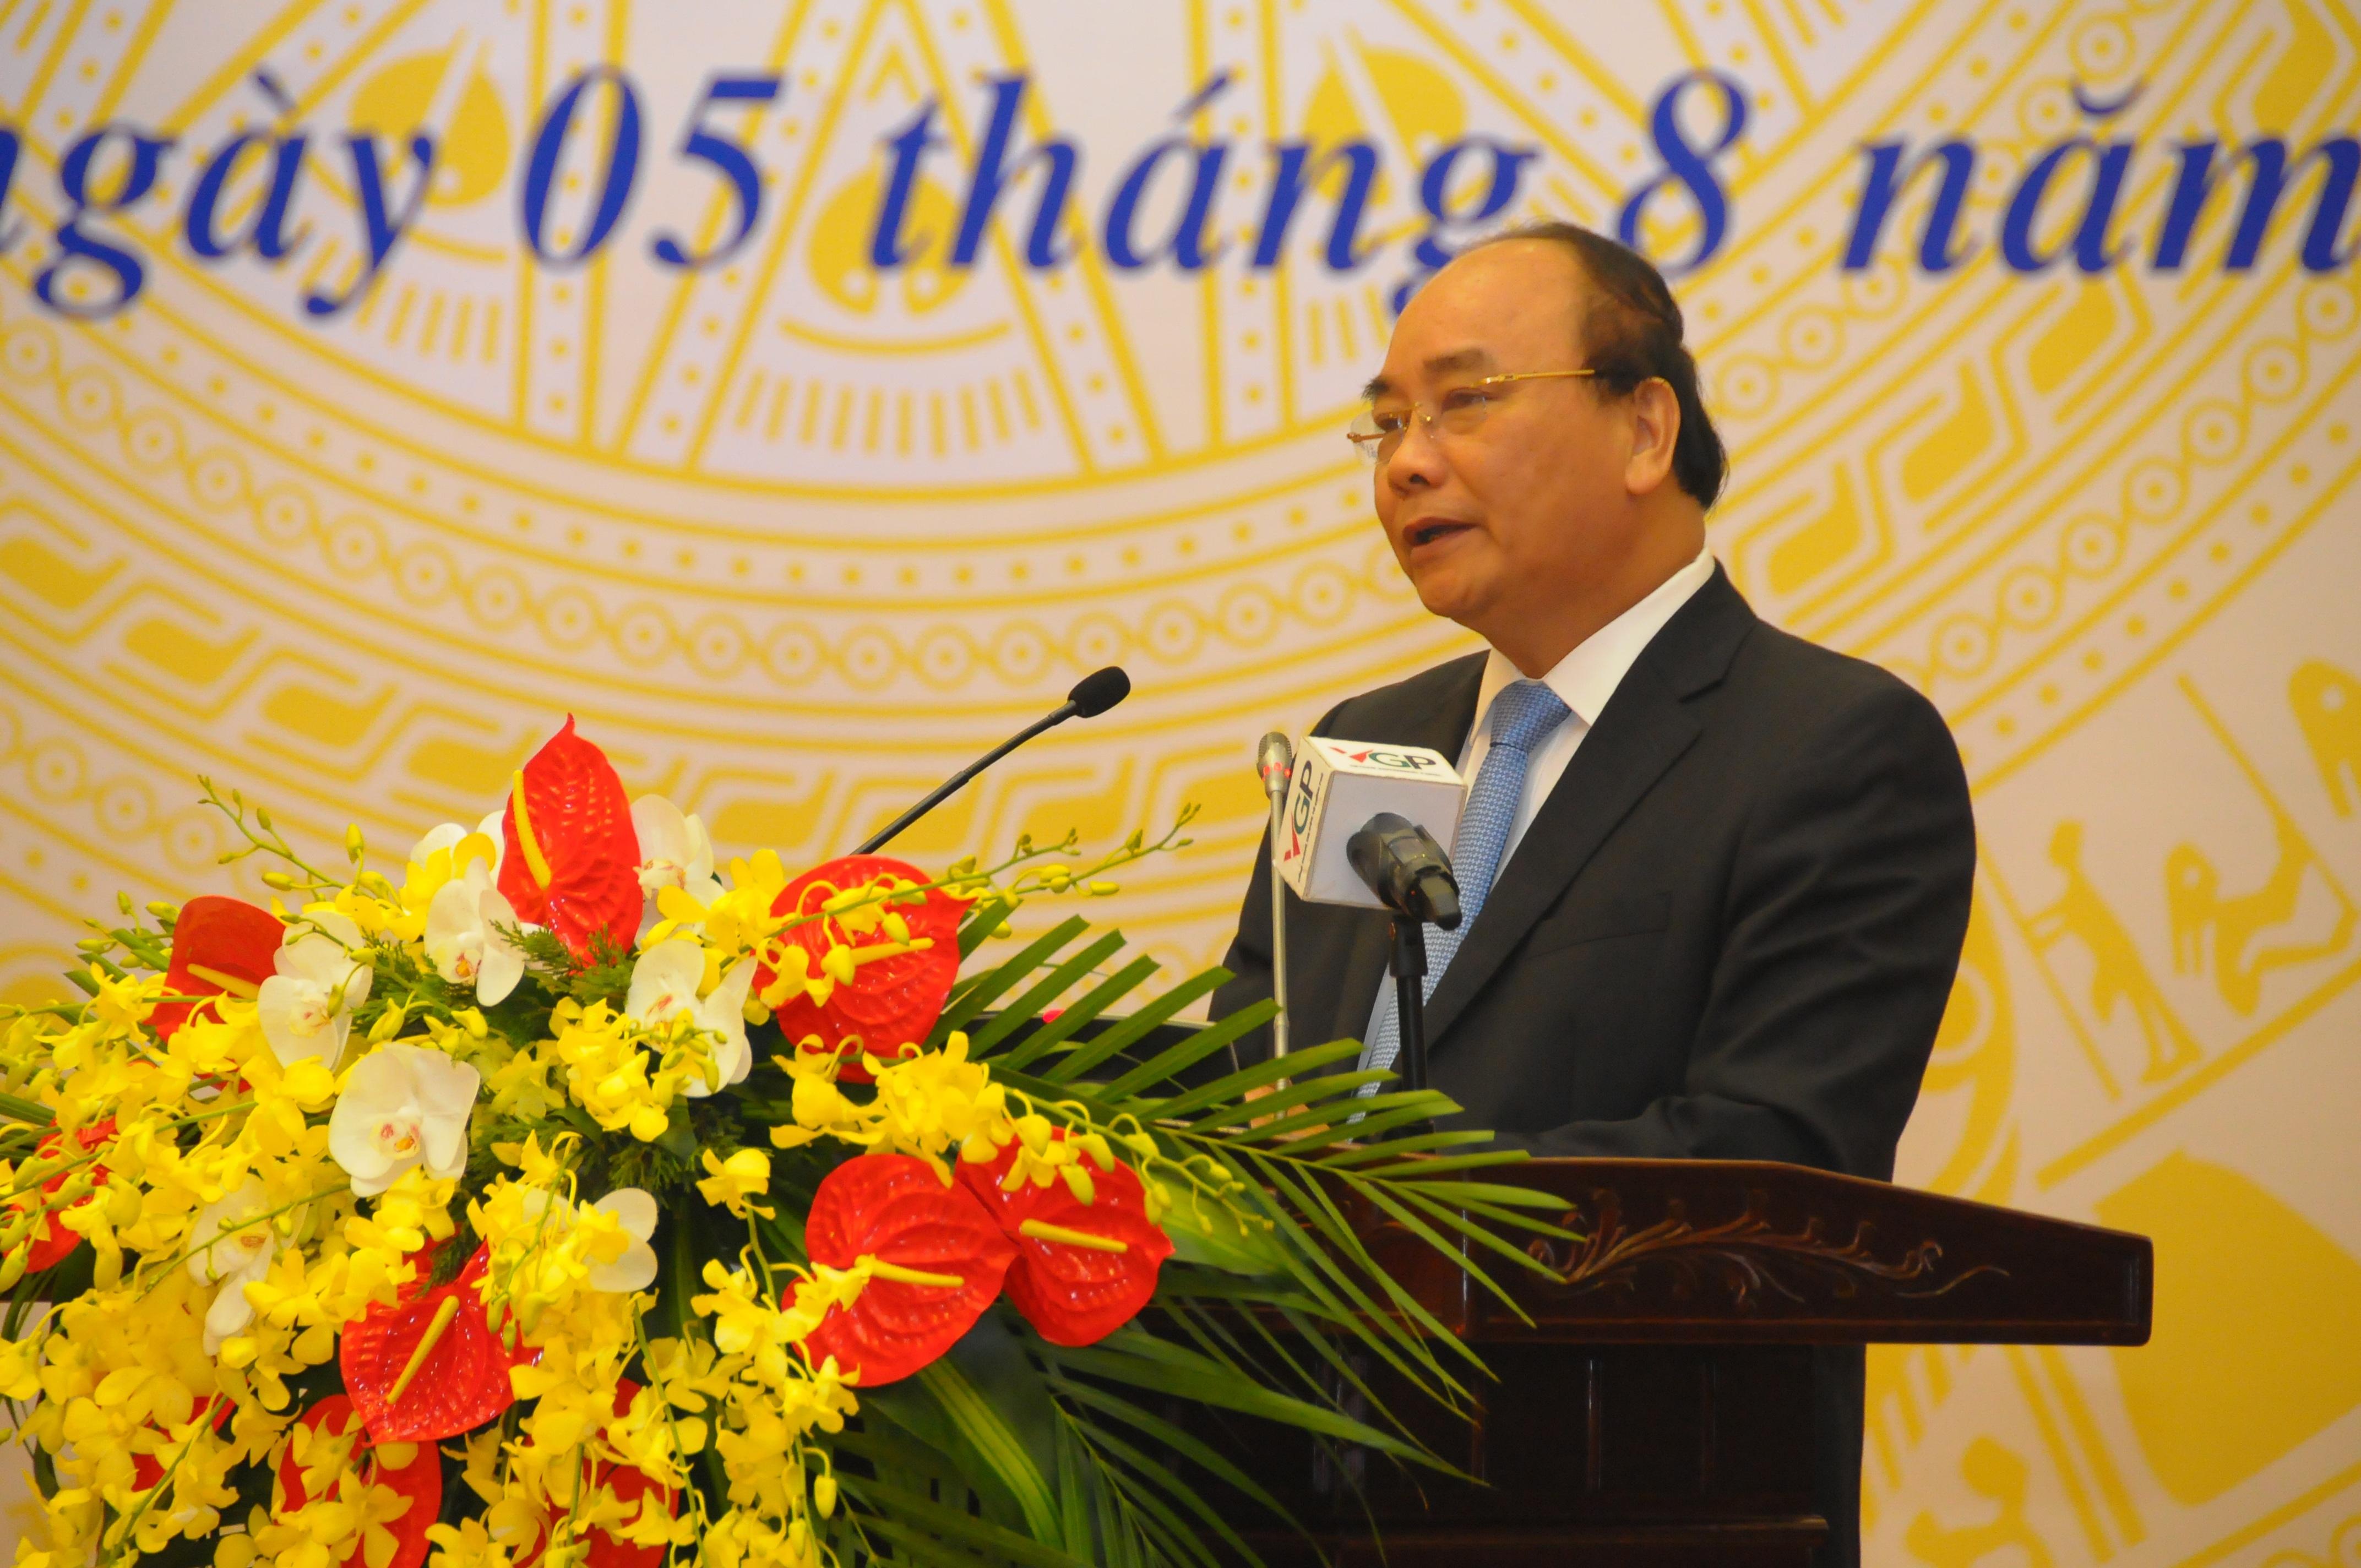 Thủ tướng Chính phủ Nguyễn Xuân Phúc (ảnh: Kim Khang)